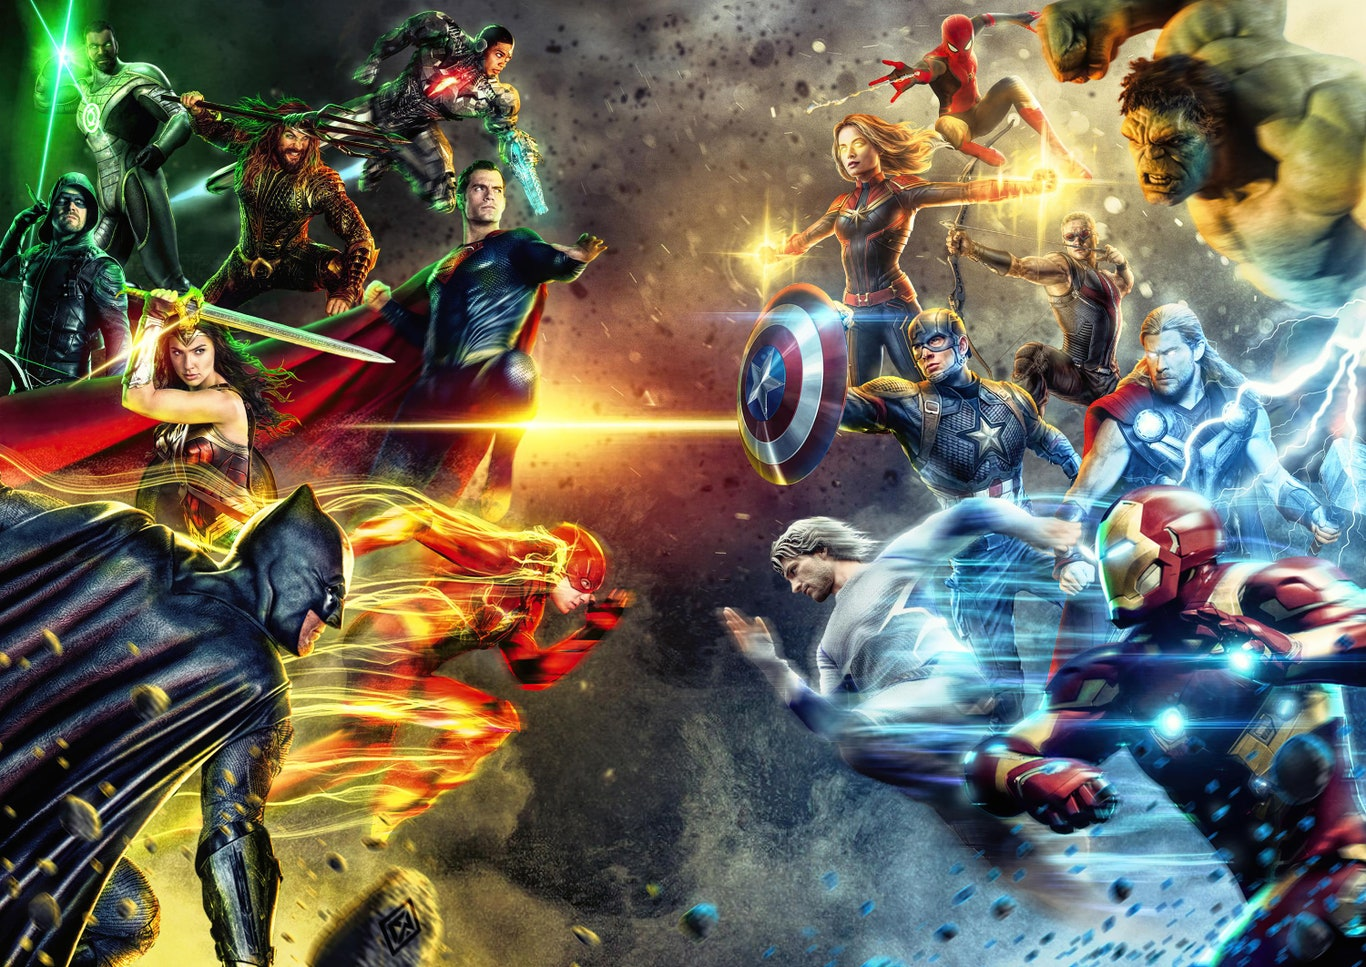 James Gunn quiere un crossover entre Marvel y DC Comics